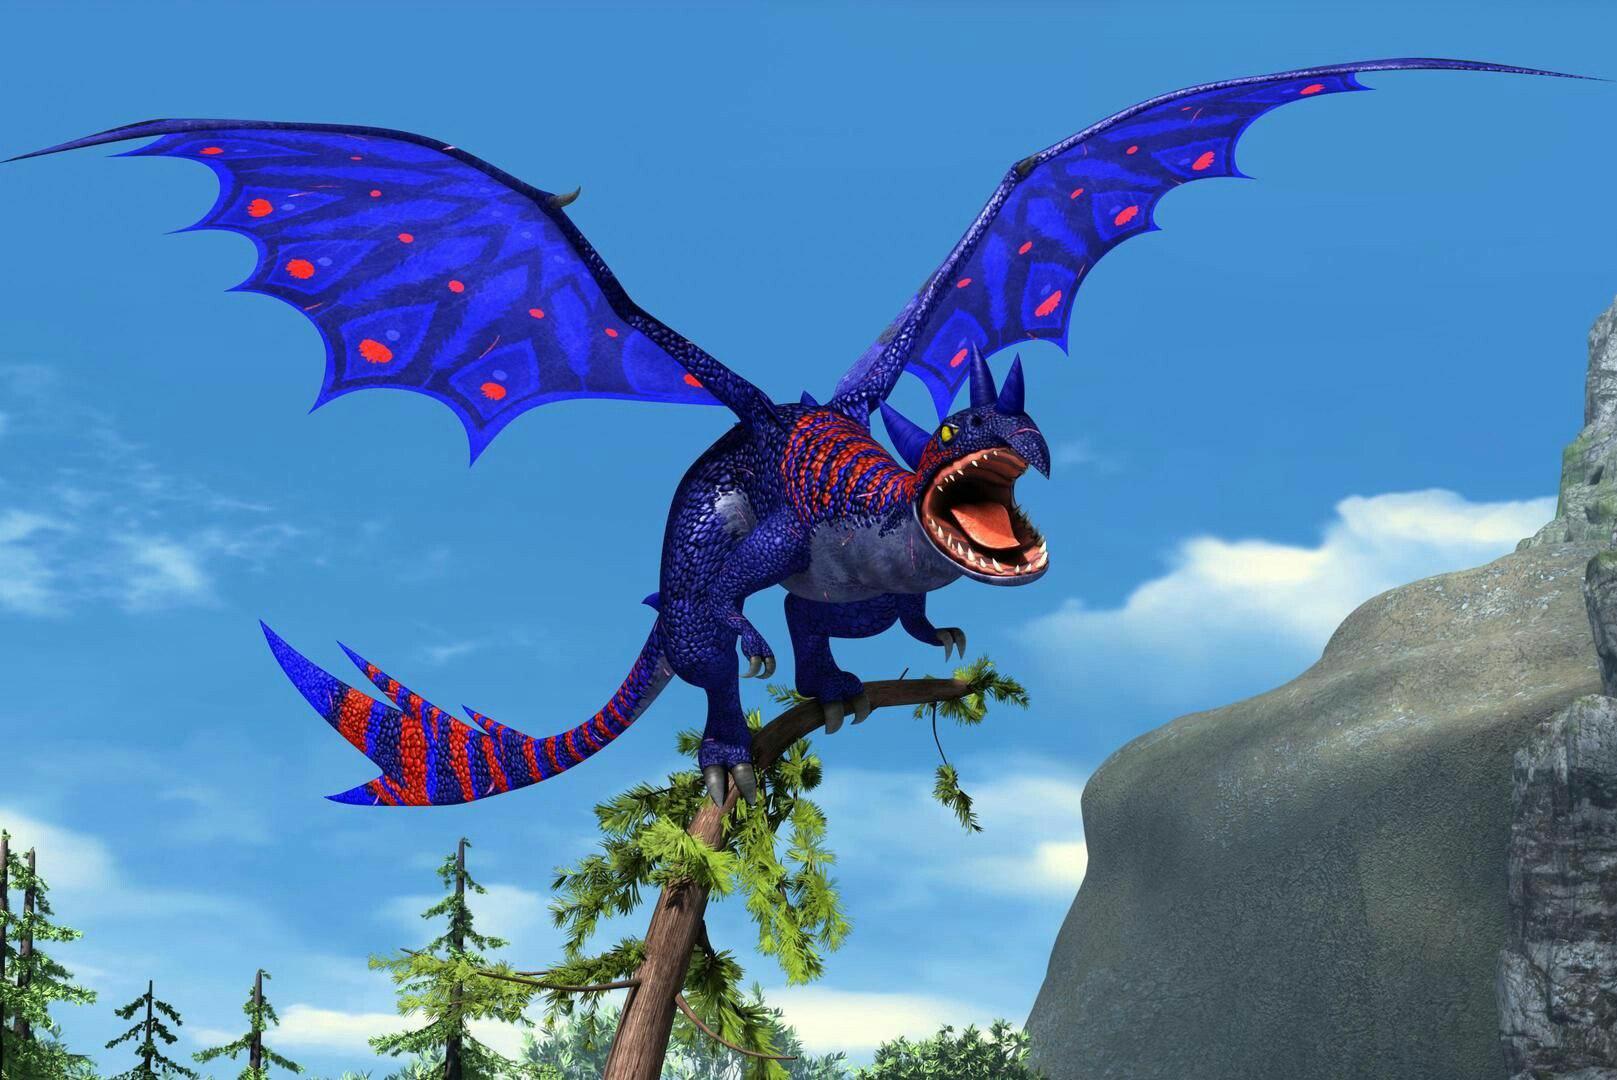 New dragon rtte 6